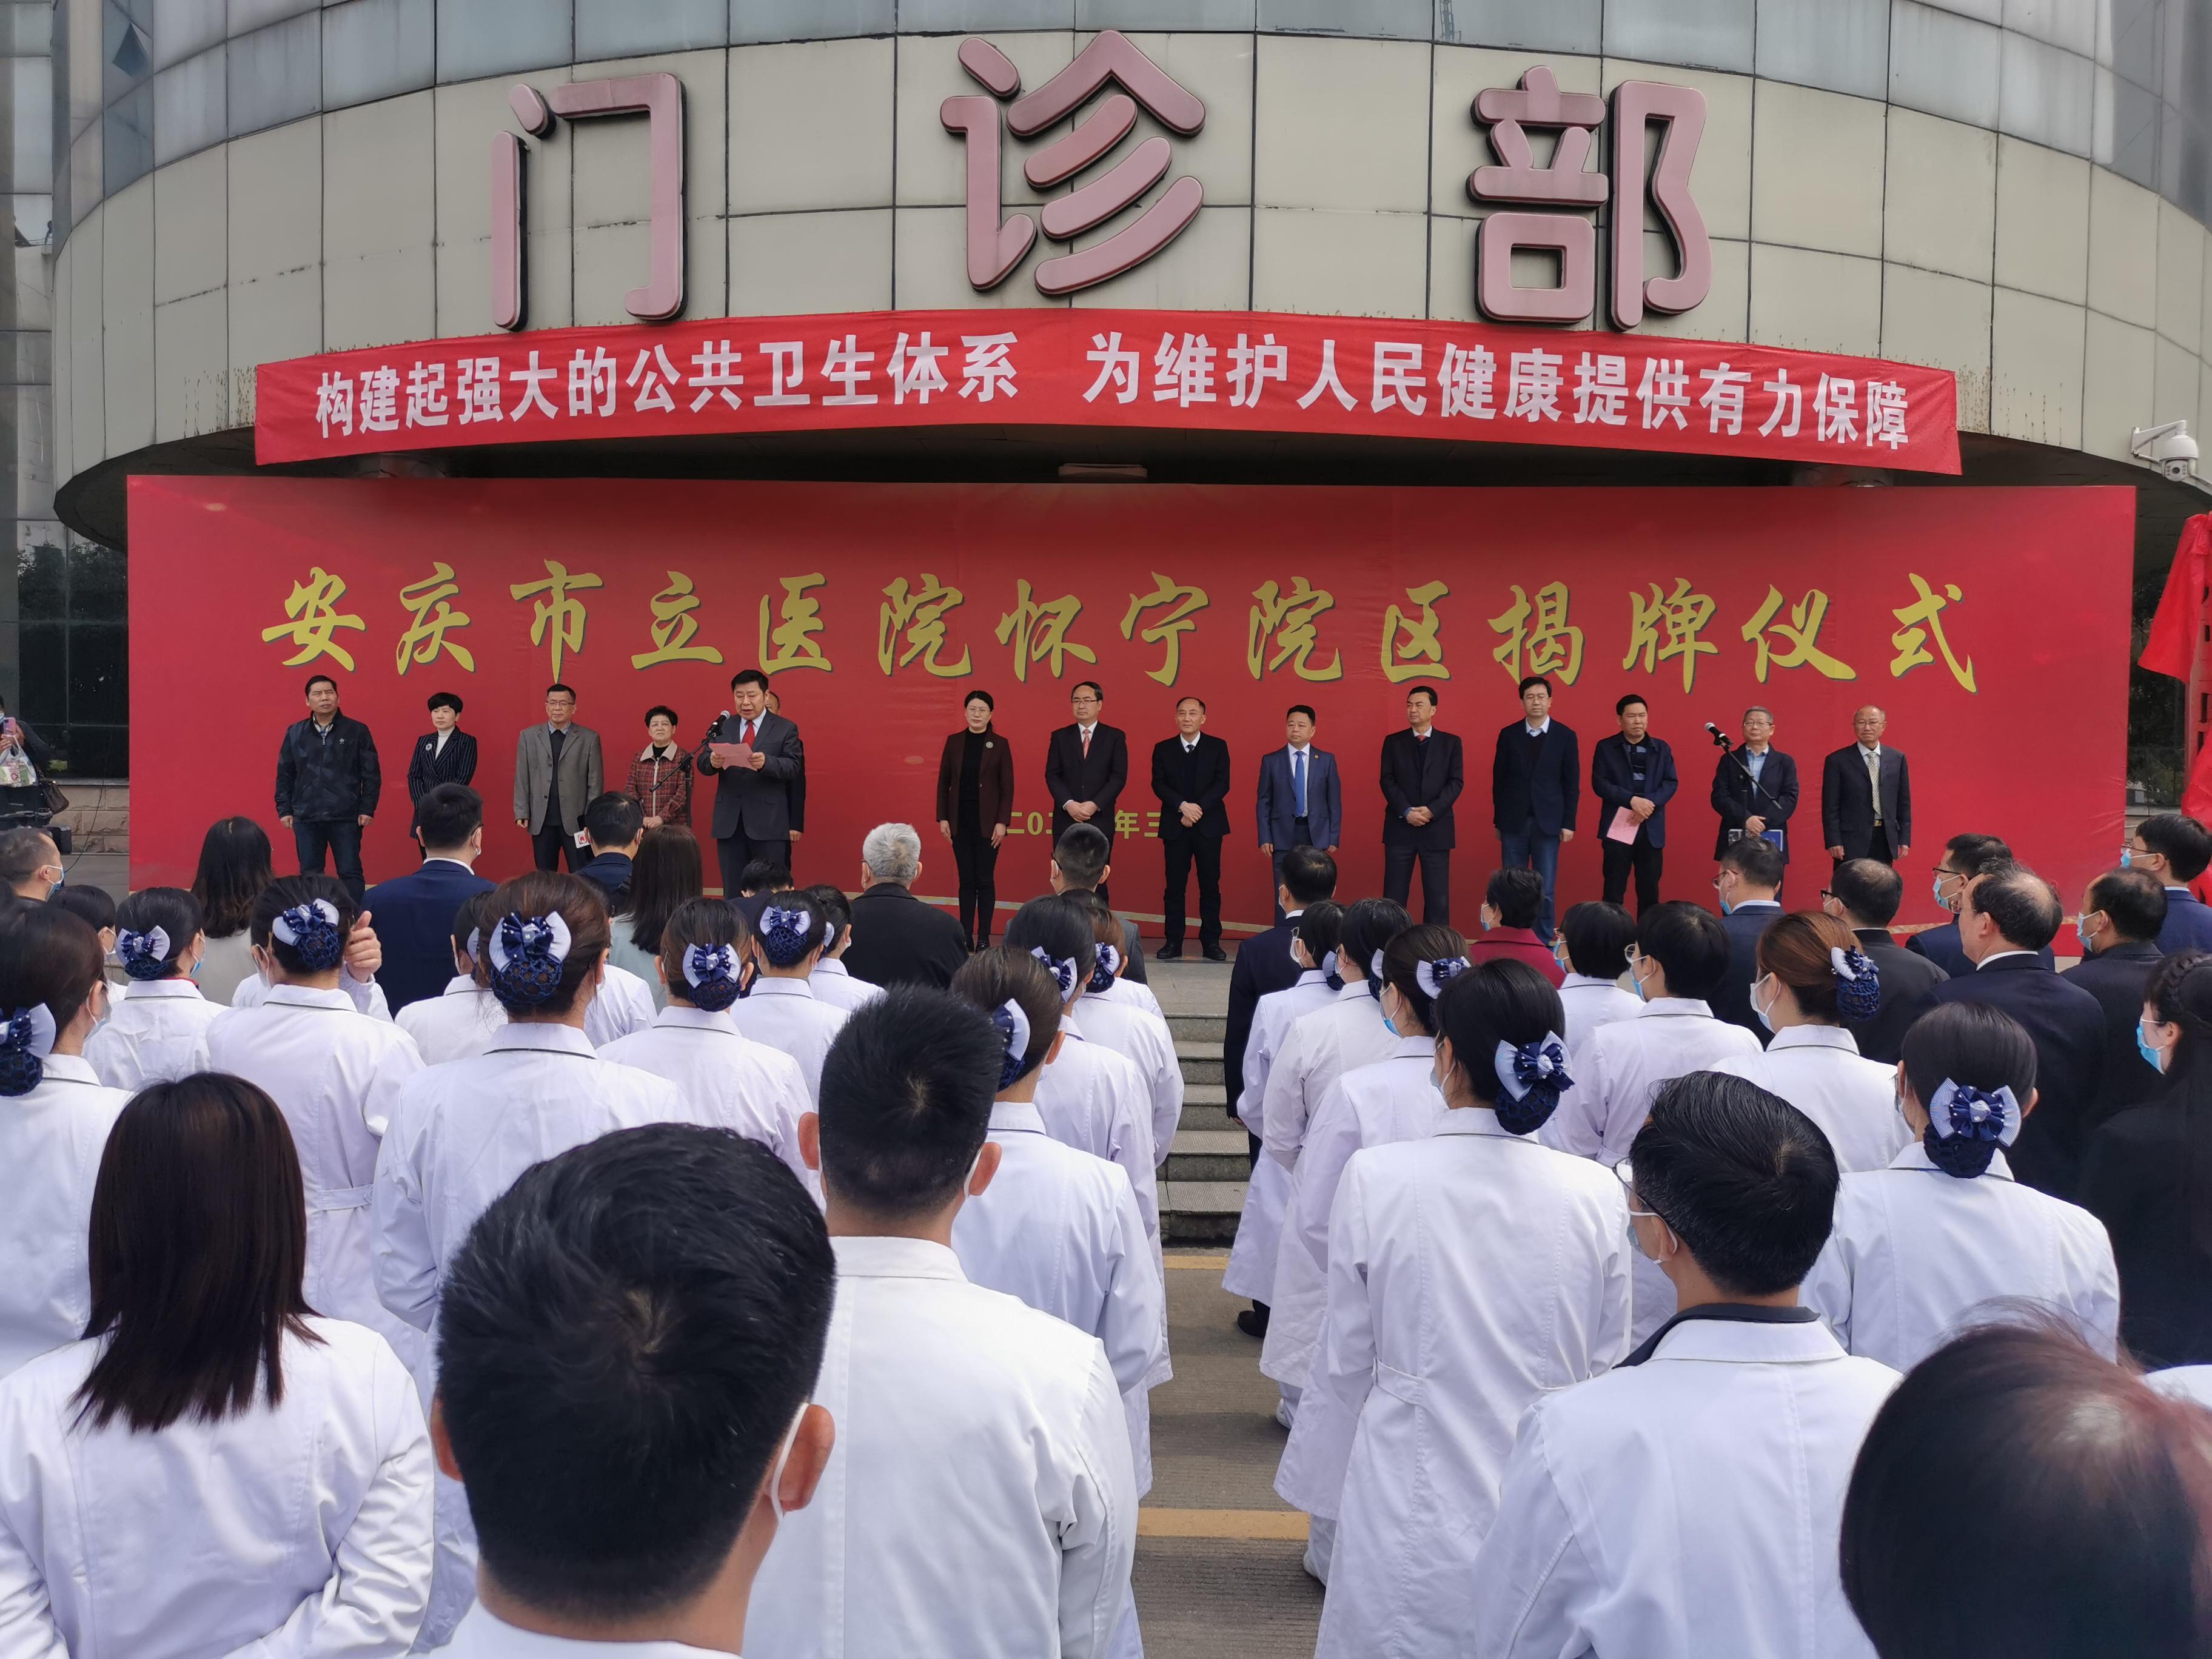 安庆市立医院与怀宁县人民政府签订战略合作协议